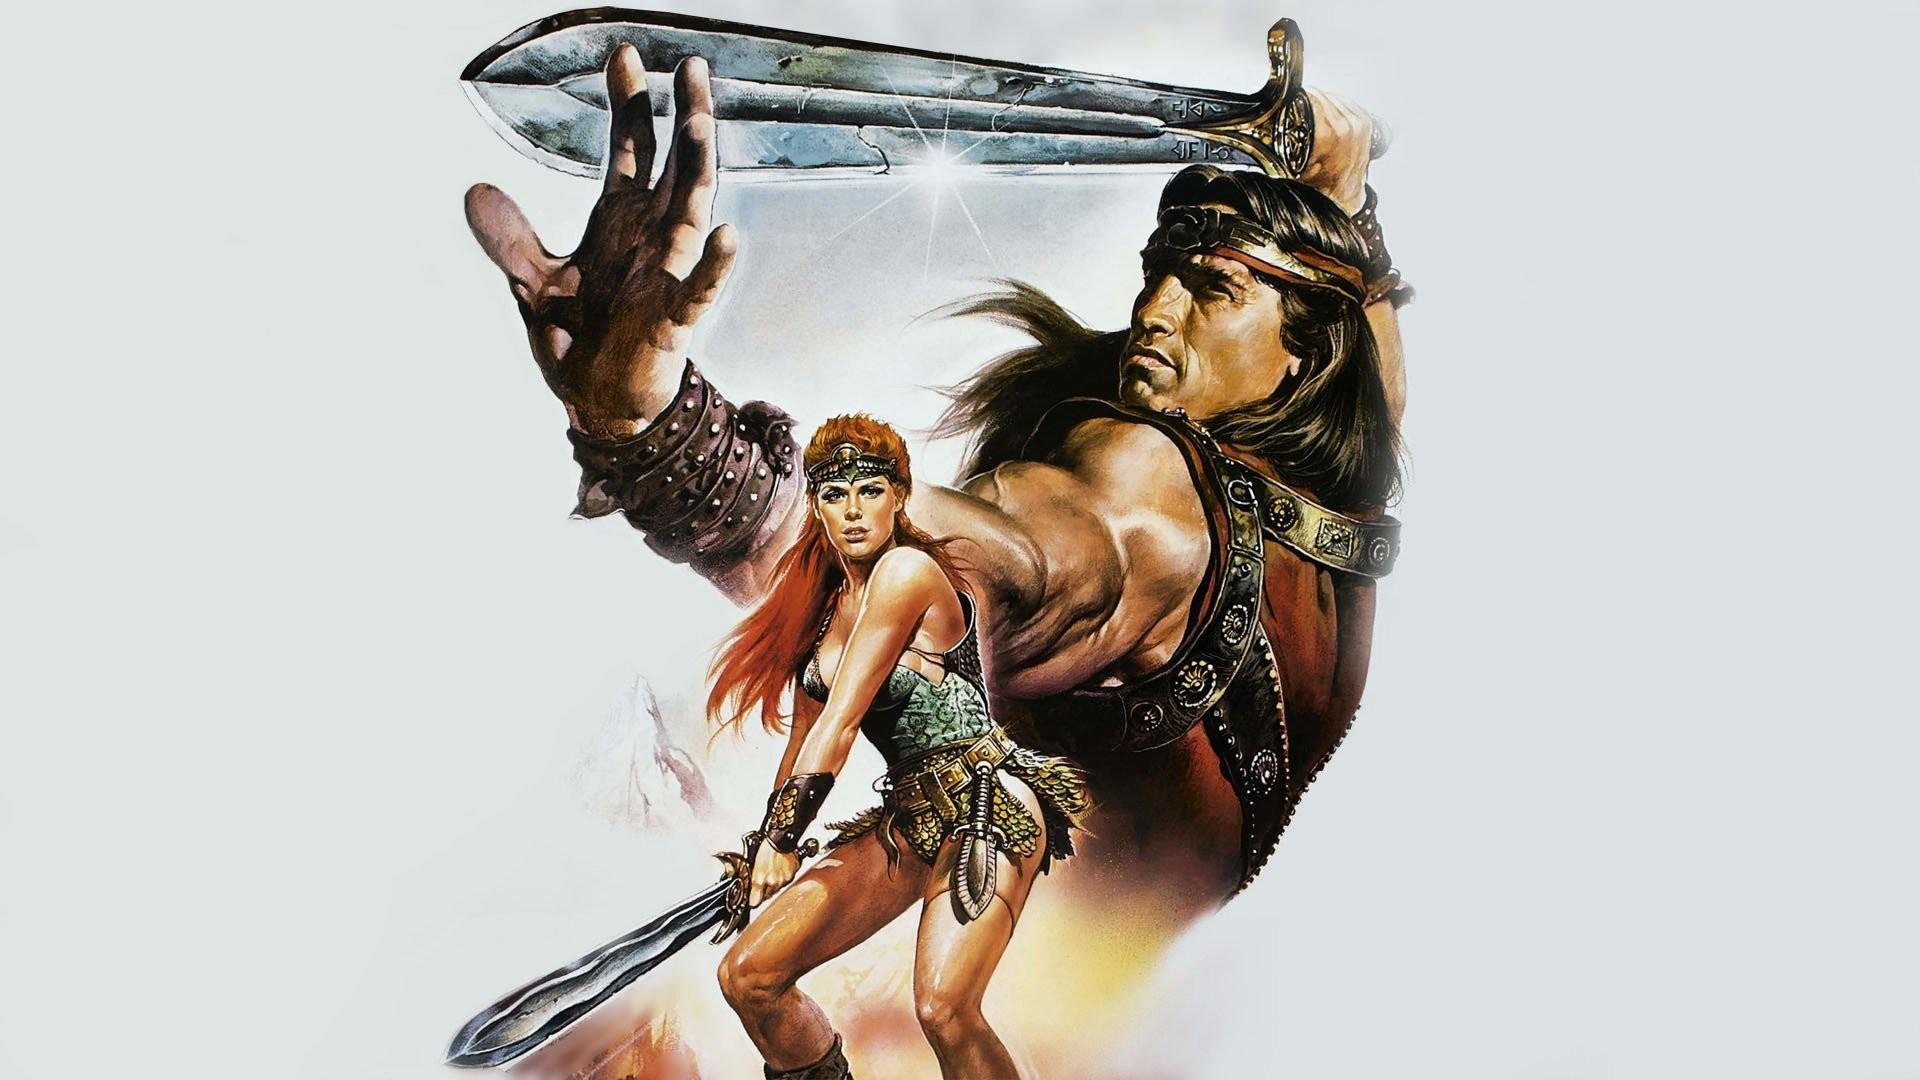 Wallpaper Arnold Schwarzenegger Movies Sword Warrior